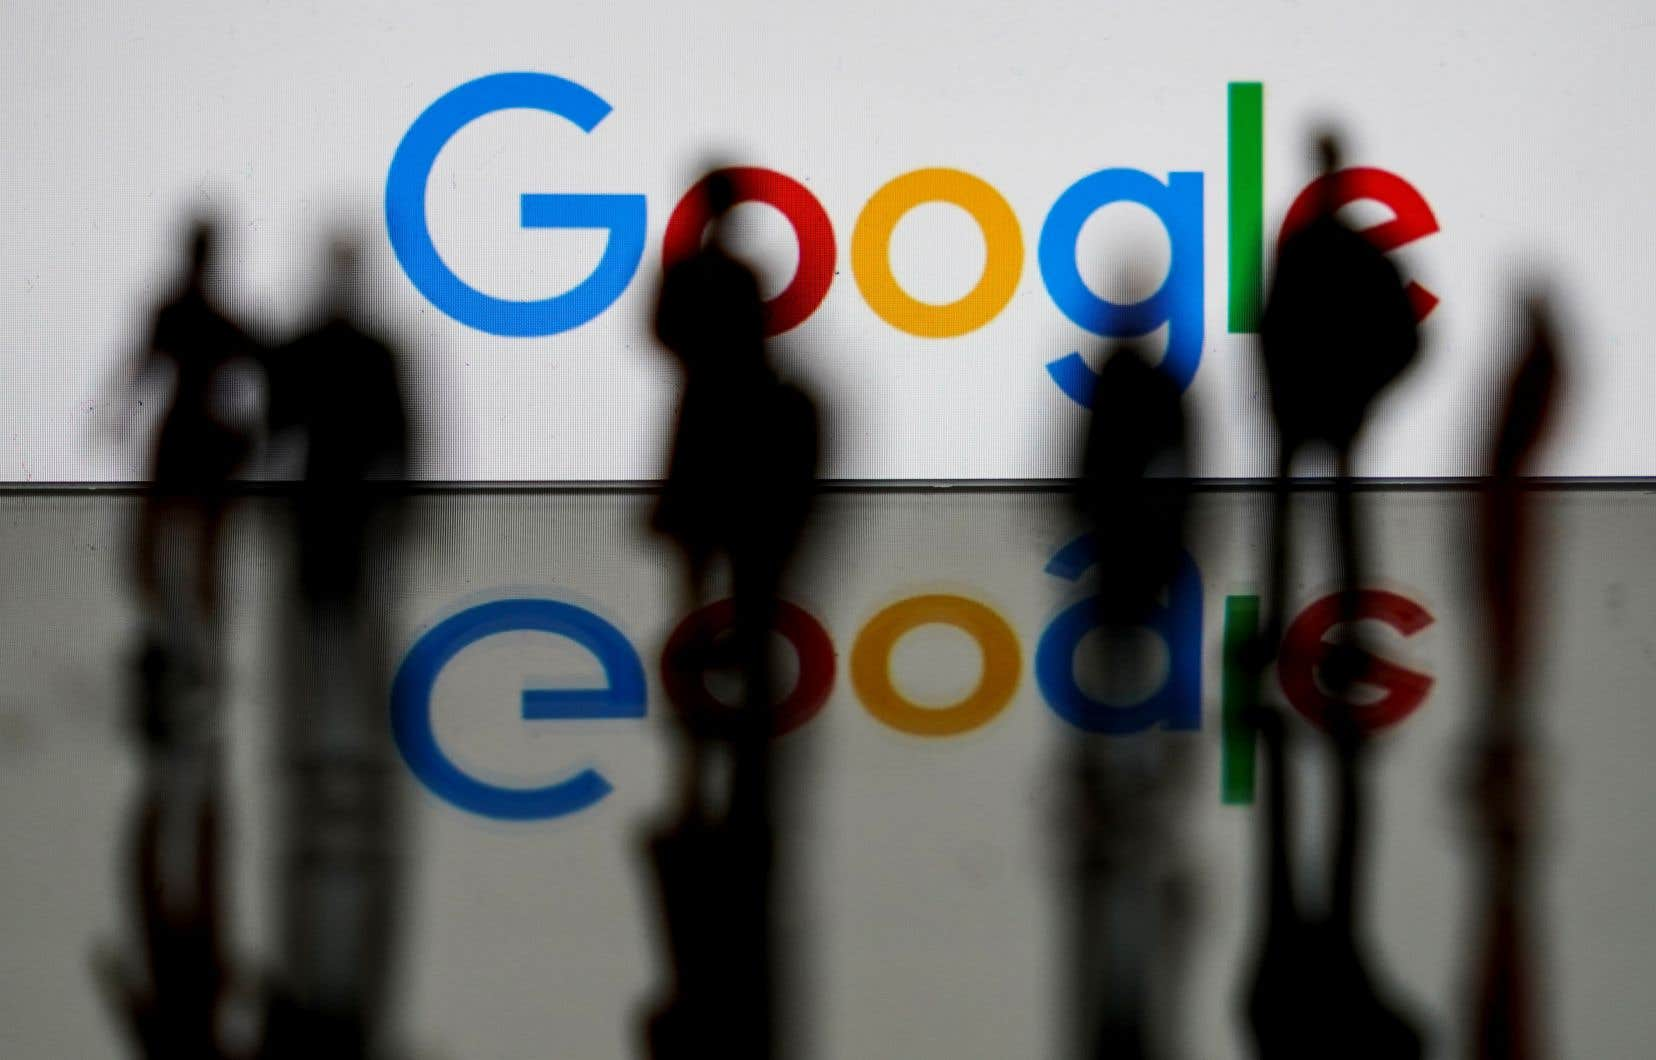 La maison mère de Google a engrangé un chiffre d'affaires de 56,9milliards, soit 10milliards de plus qu'il y a un an, et bien au-delà des 53milliards attendus par les analystes.